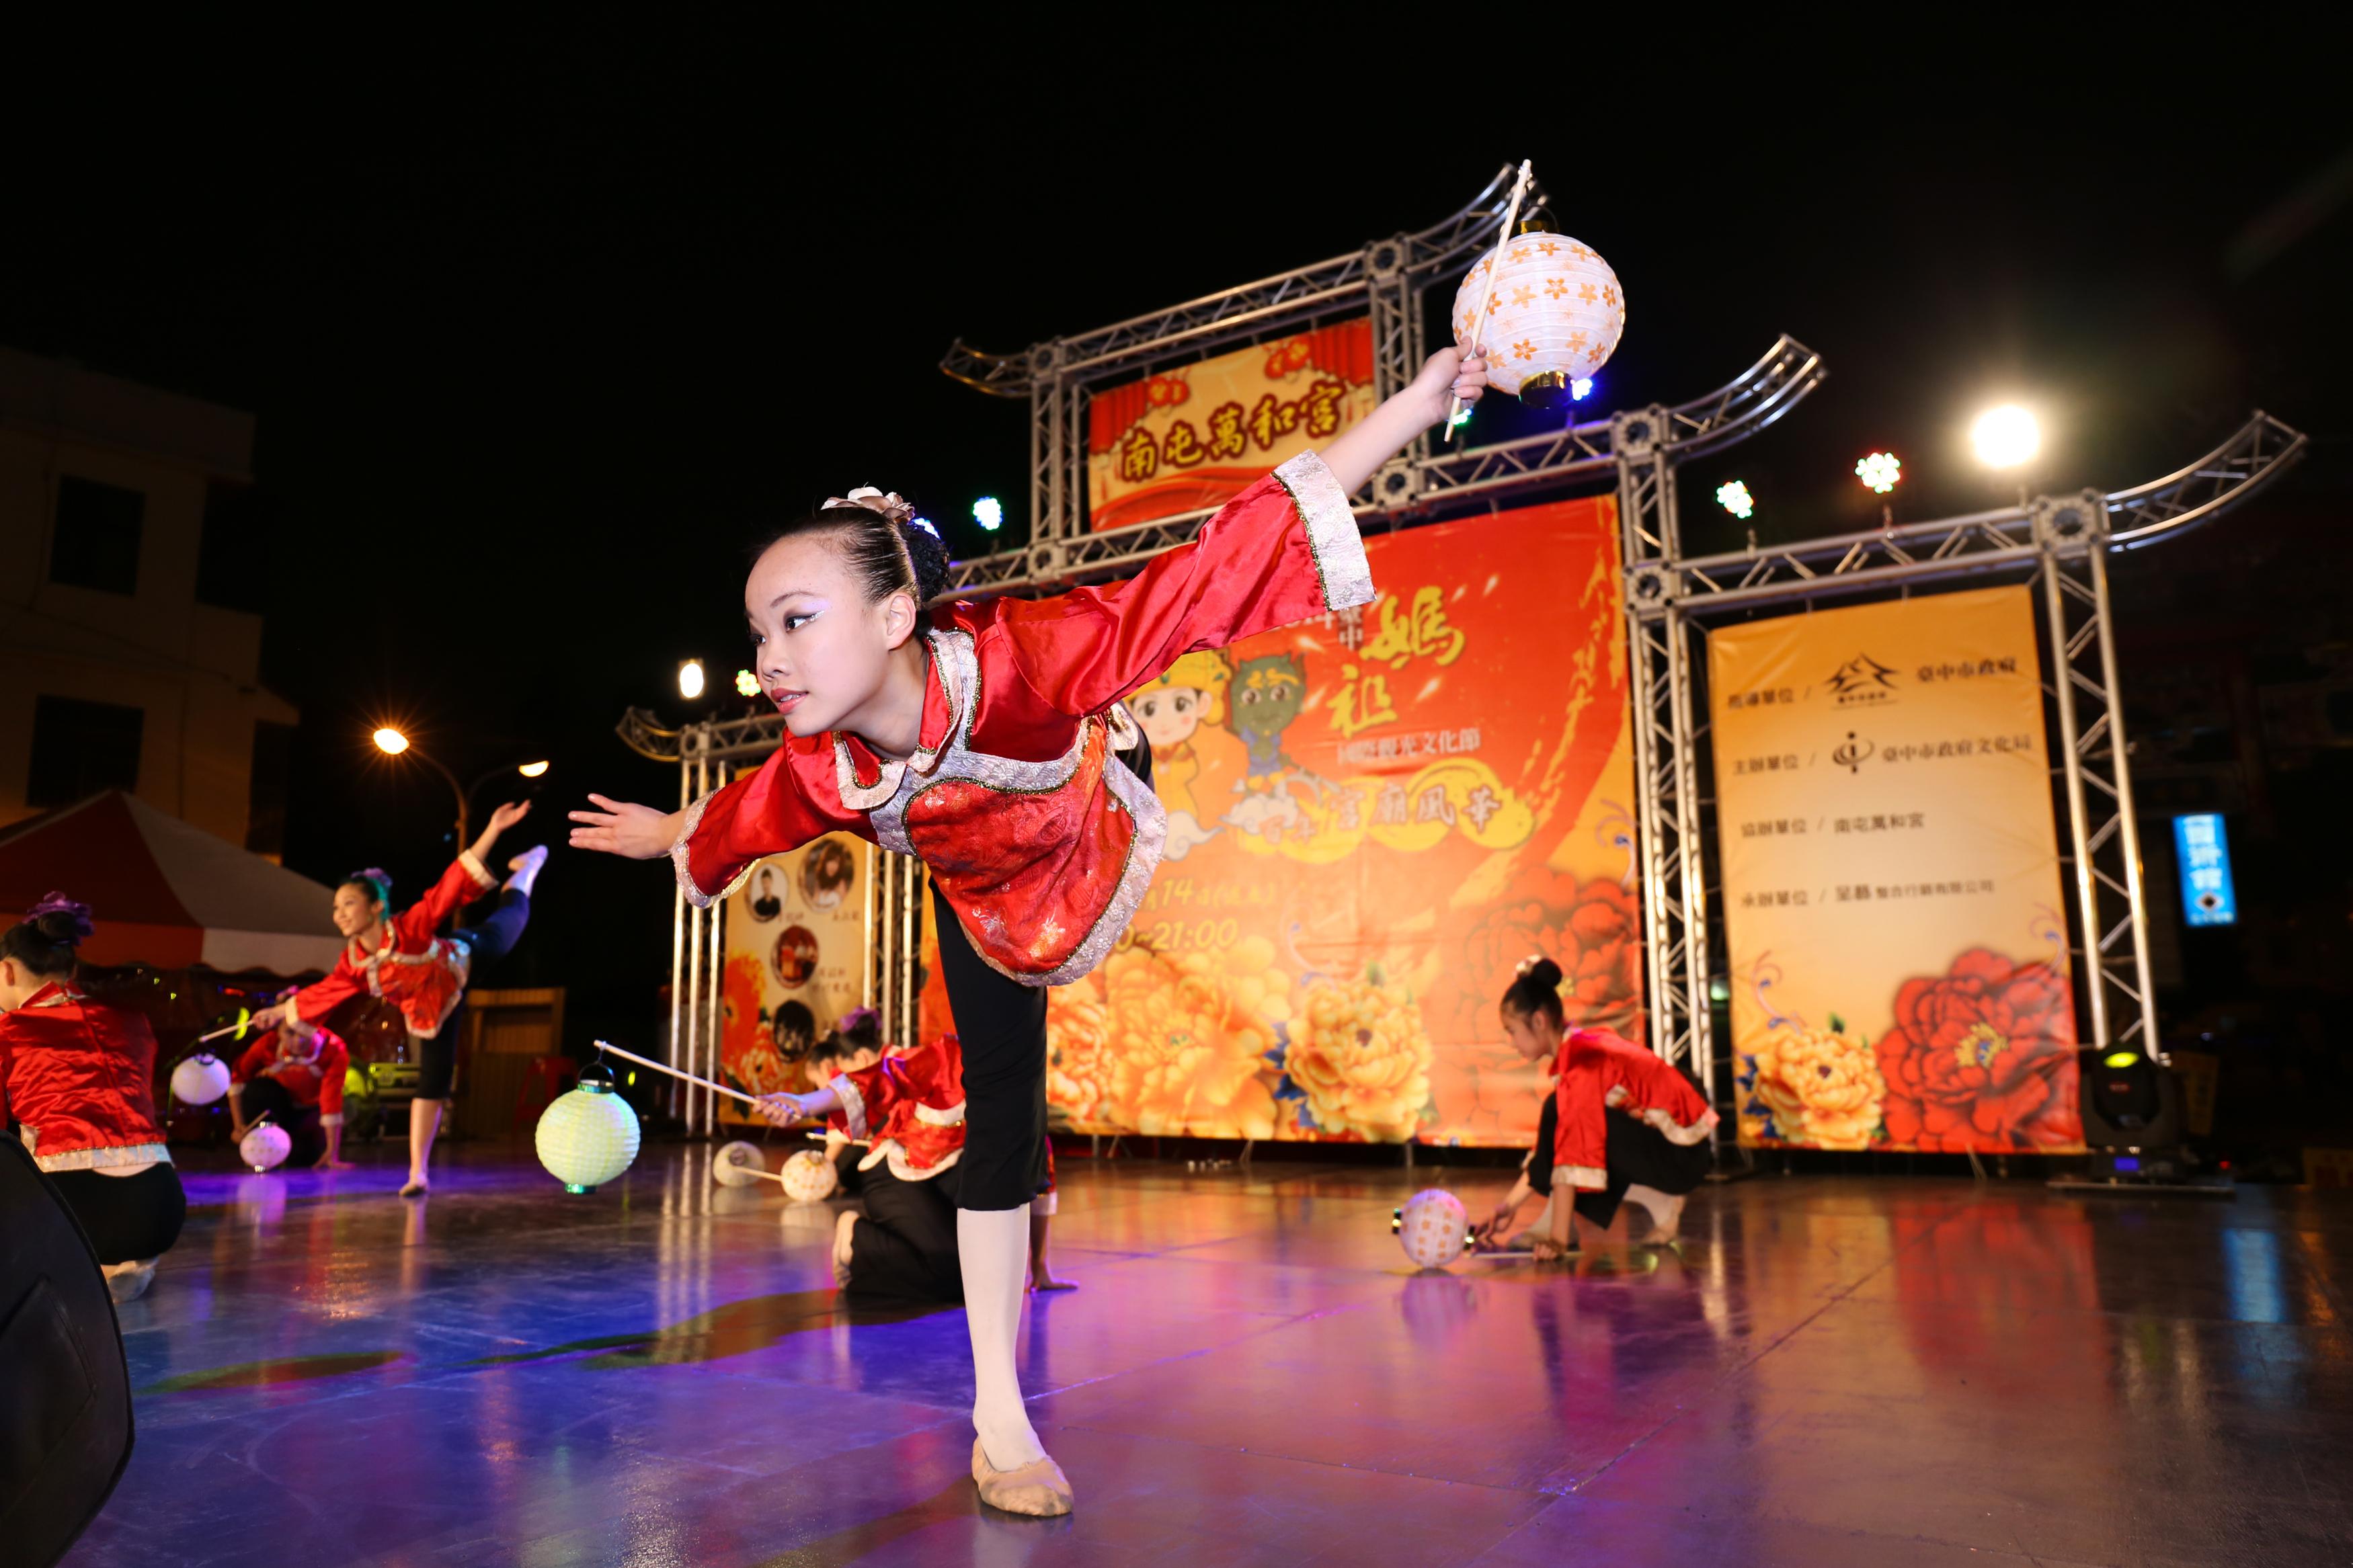 台中媽祖國際觀光文化節在萬和宮,台中婚錄推薦16